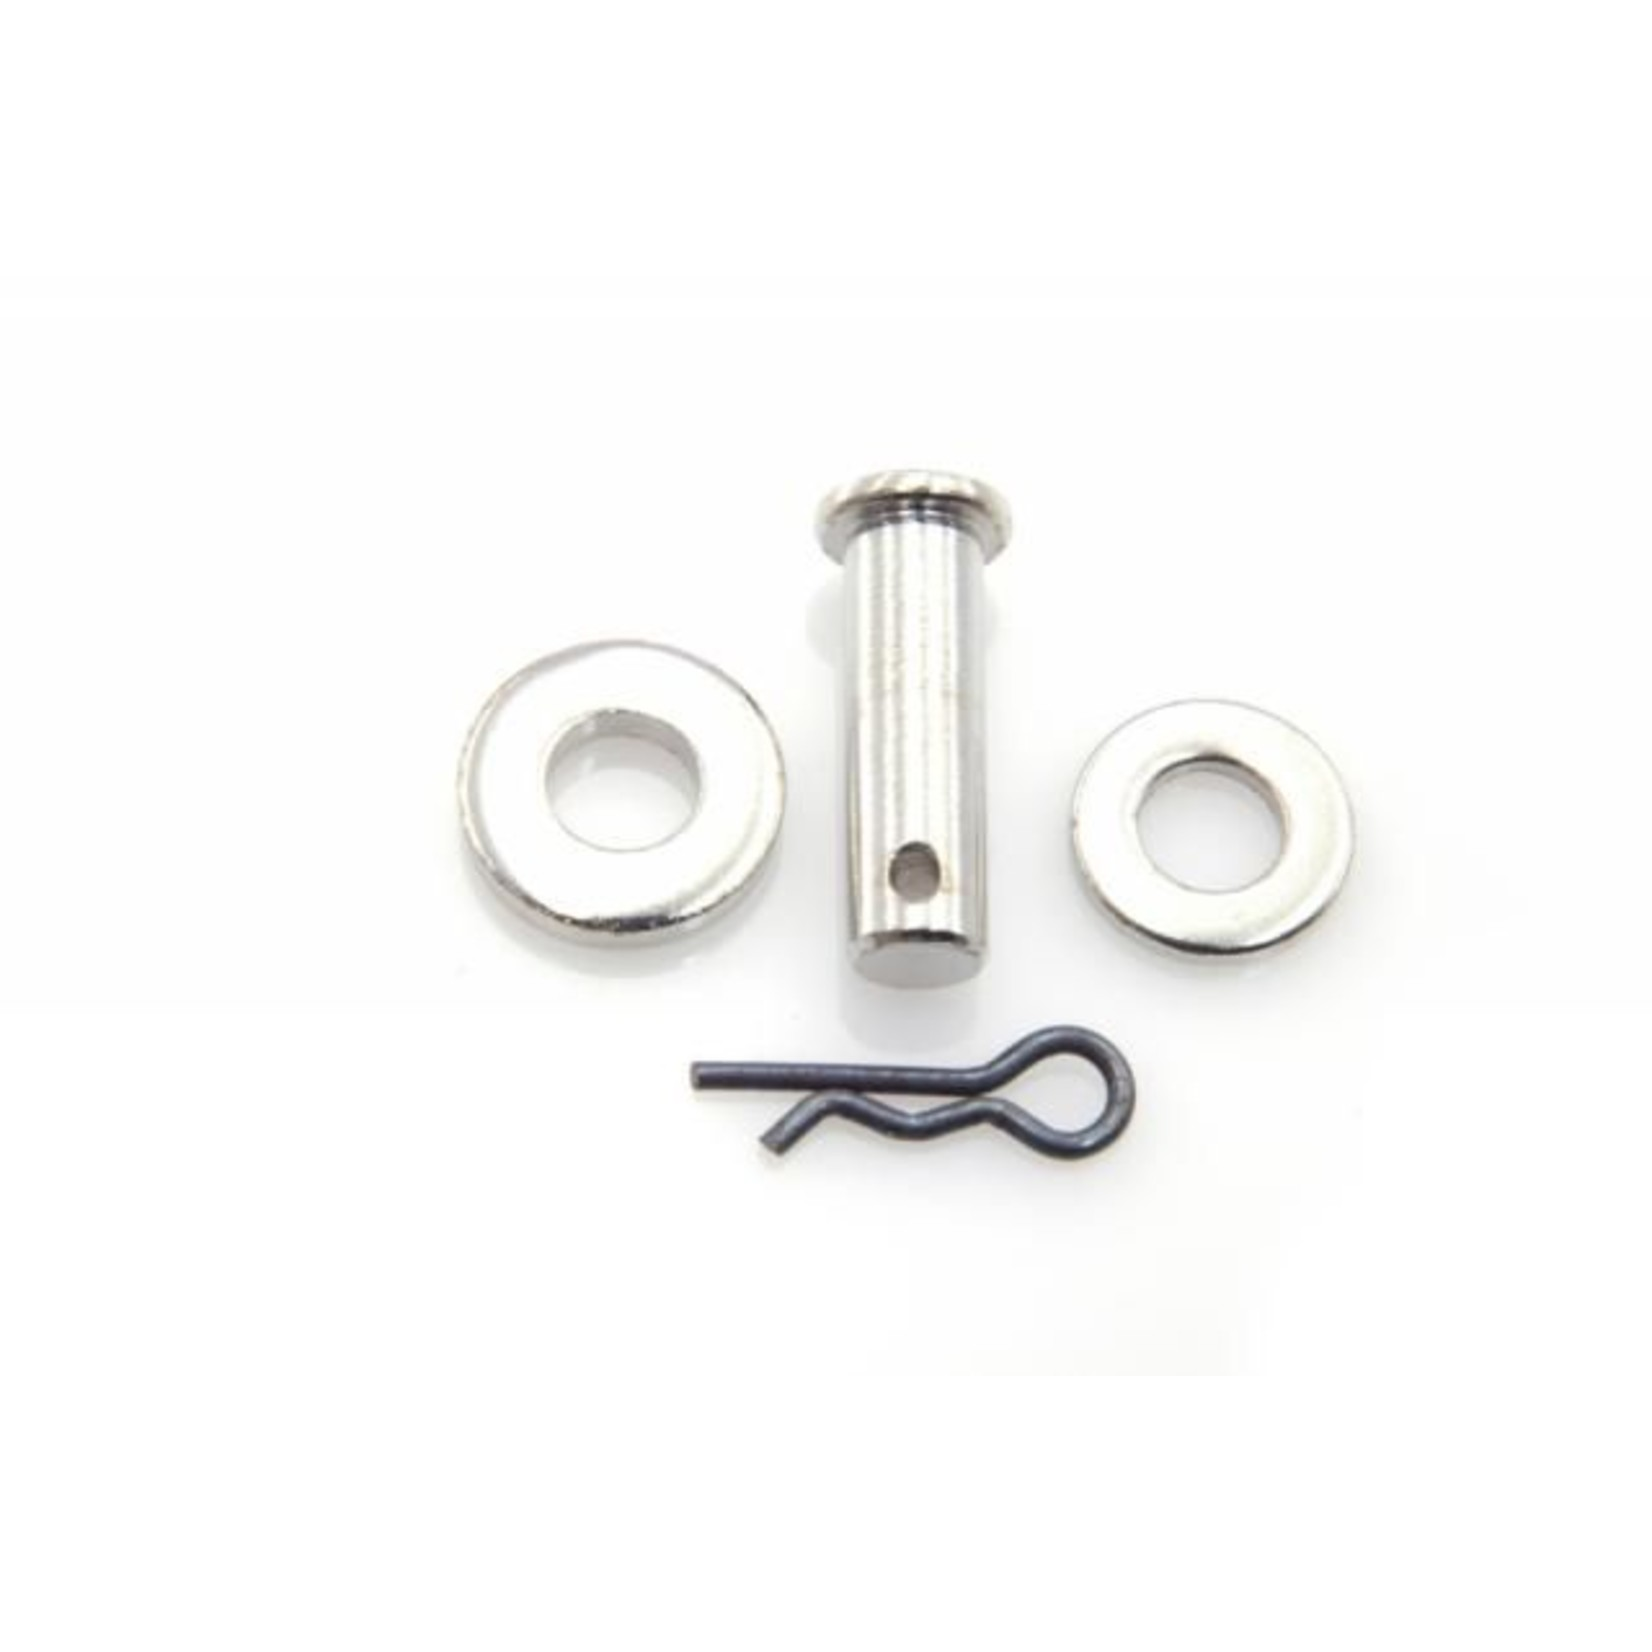 Pin-clip-ring achterdeurvanger Nr Org: 5411152